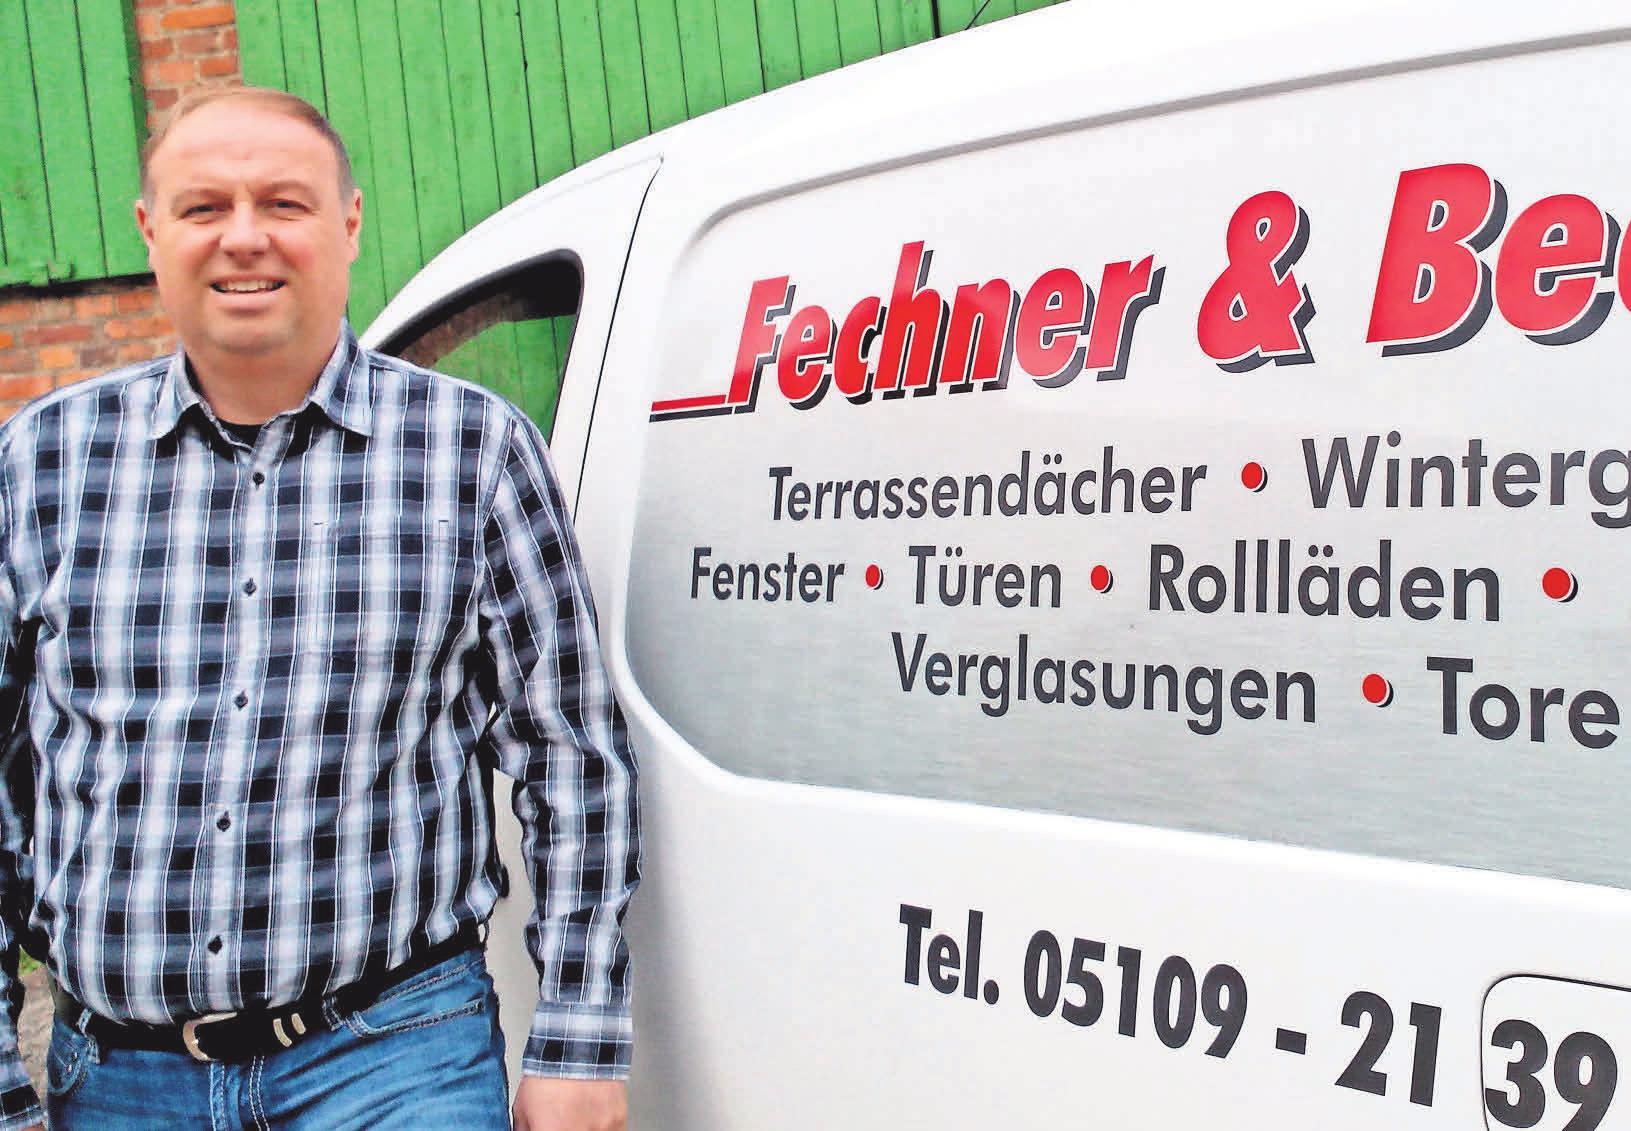 Frank Becke bietet seinen Kunden einen Rundum-Sorglos-Service. Foto: Becke